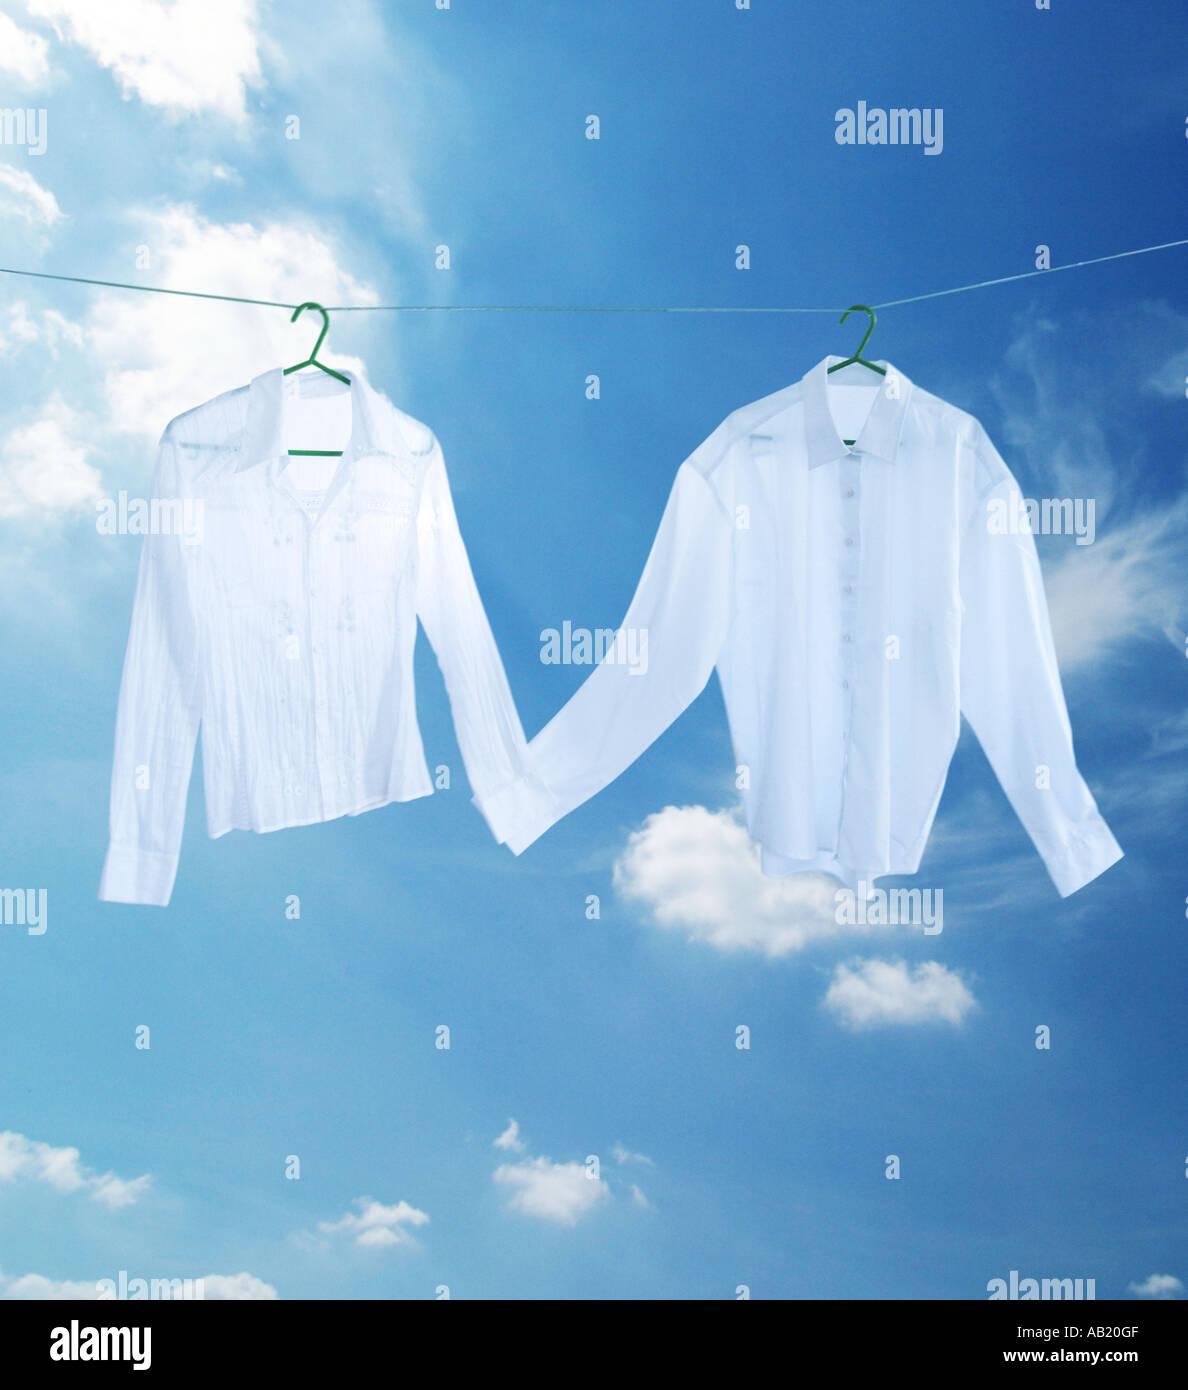 Chemise blanche sur une ligne de lavage holding hands Photo Stock